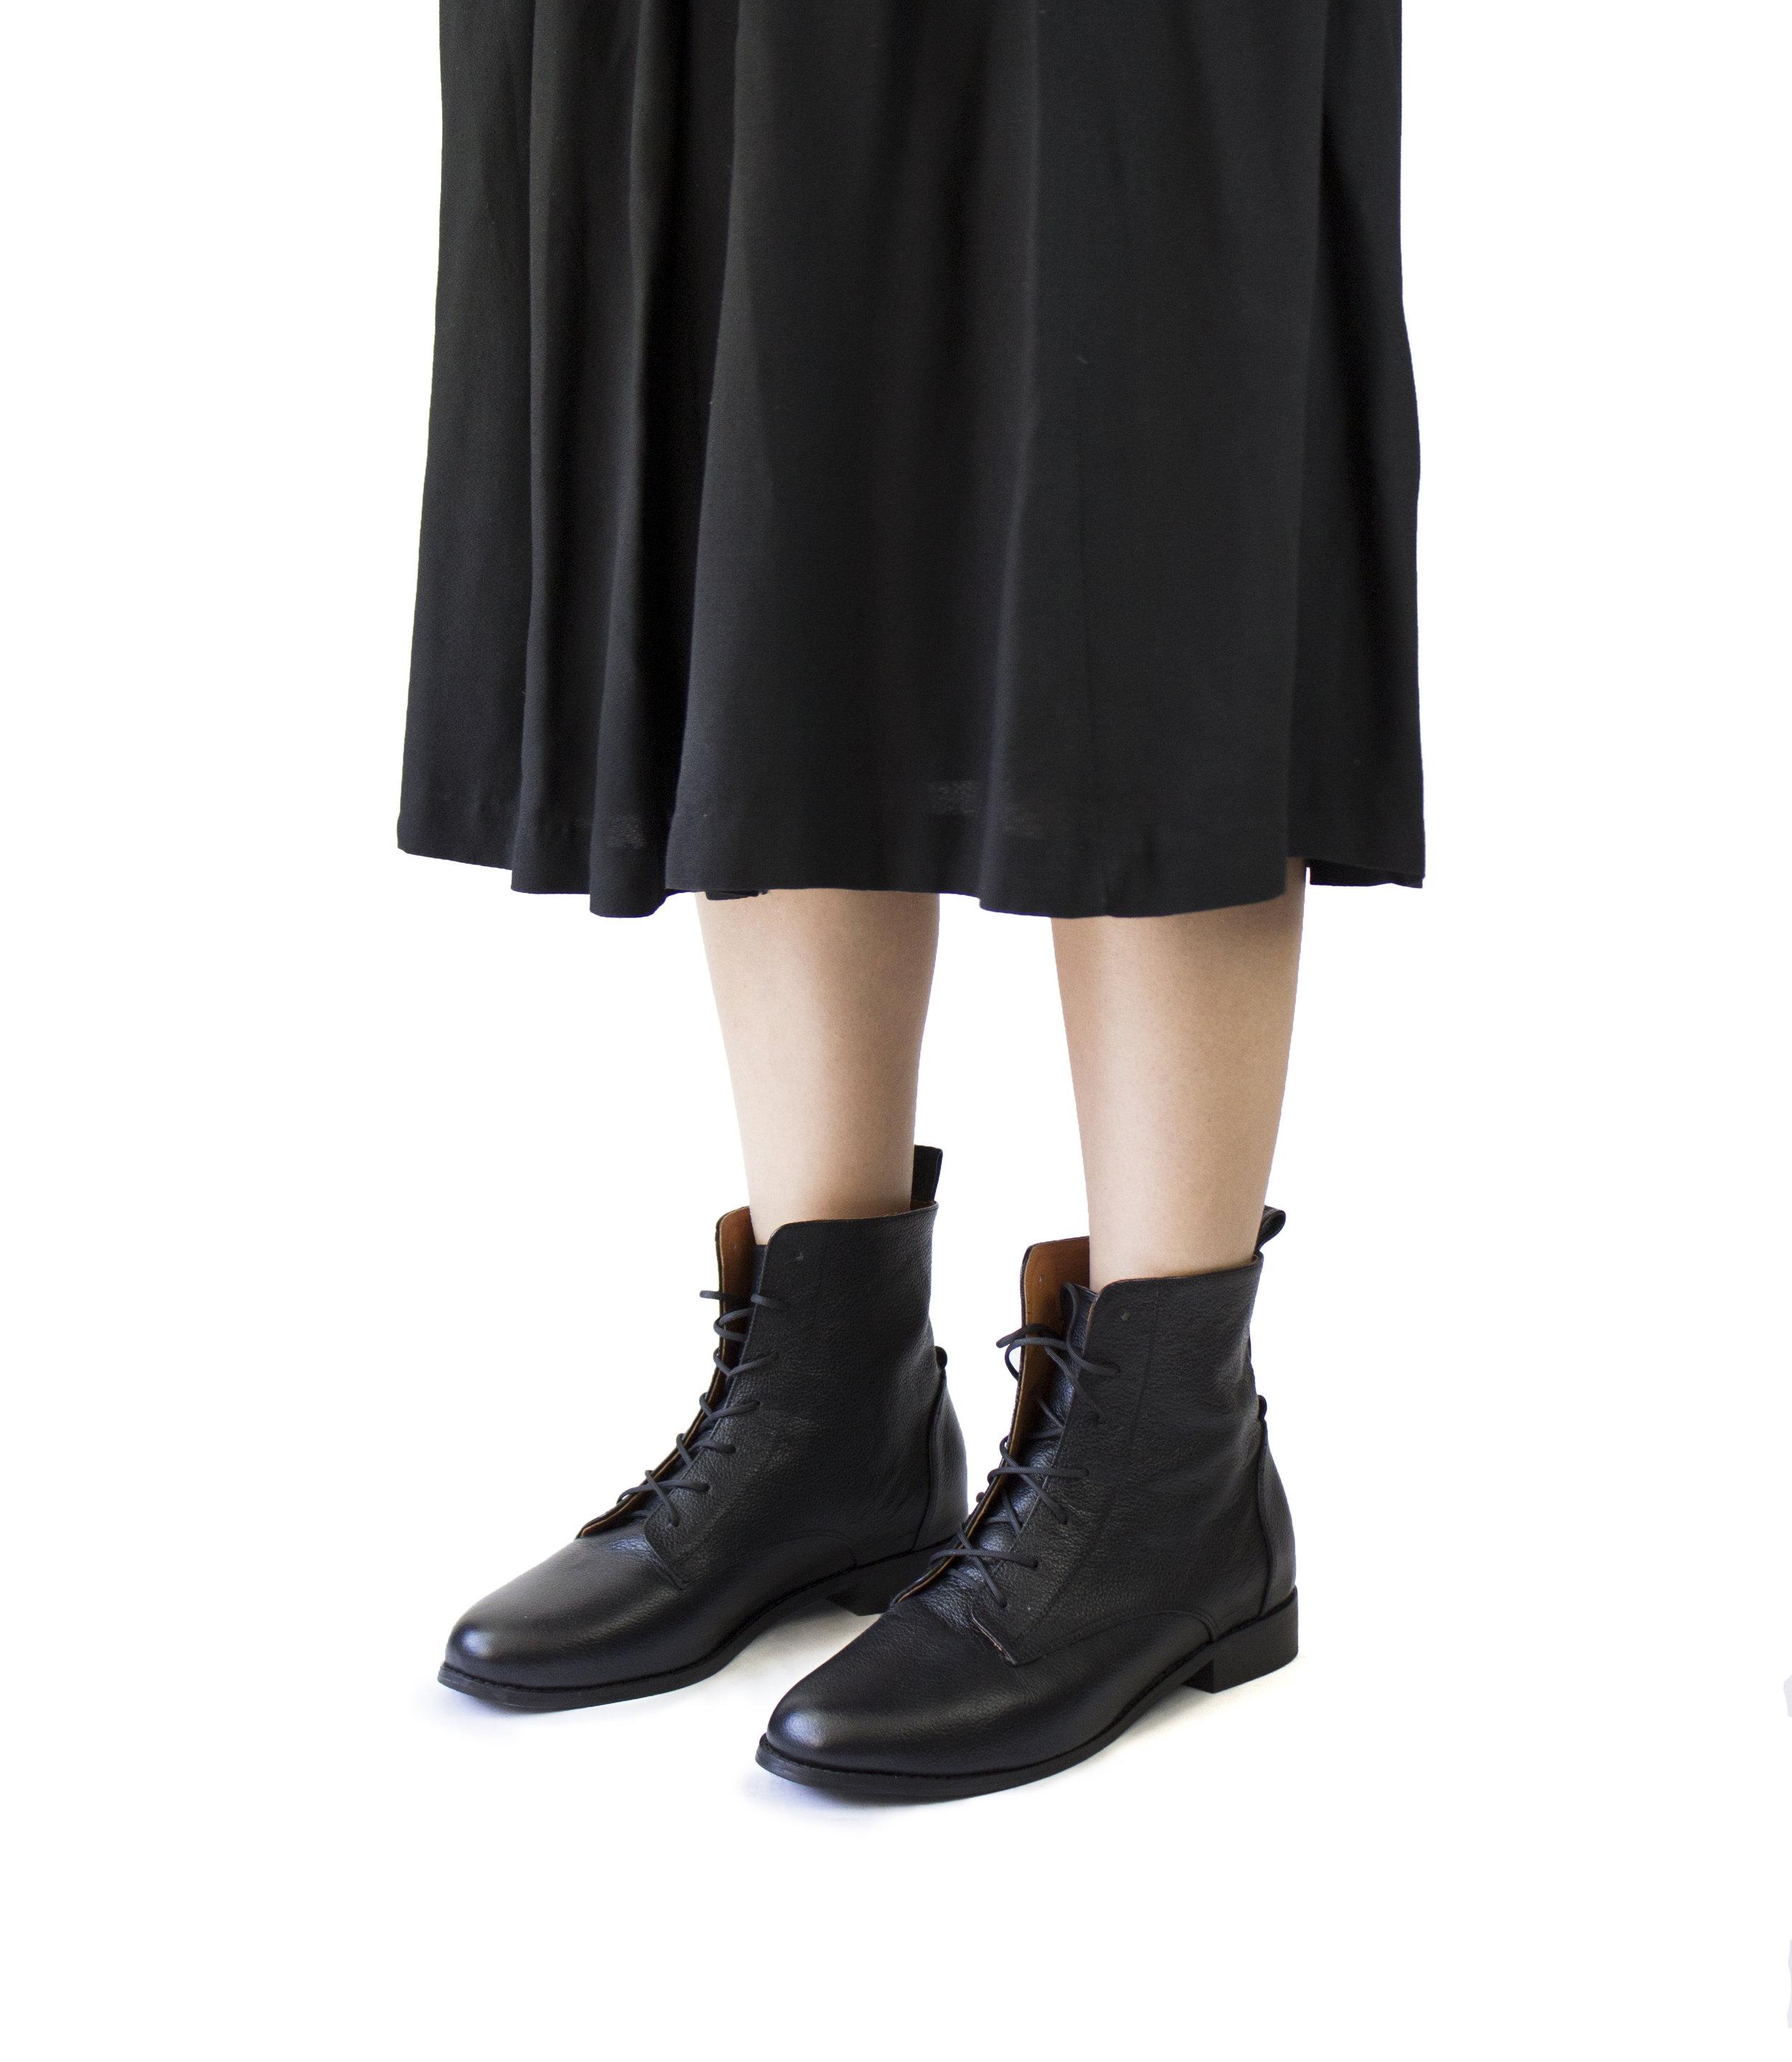 Botas negras dama